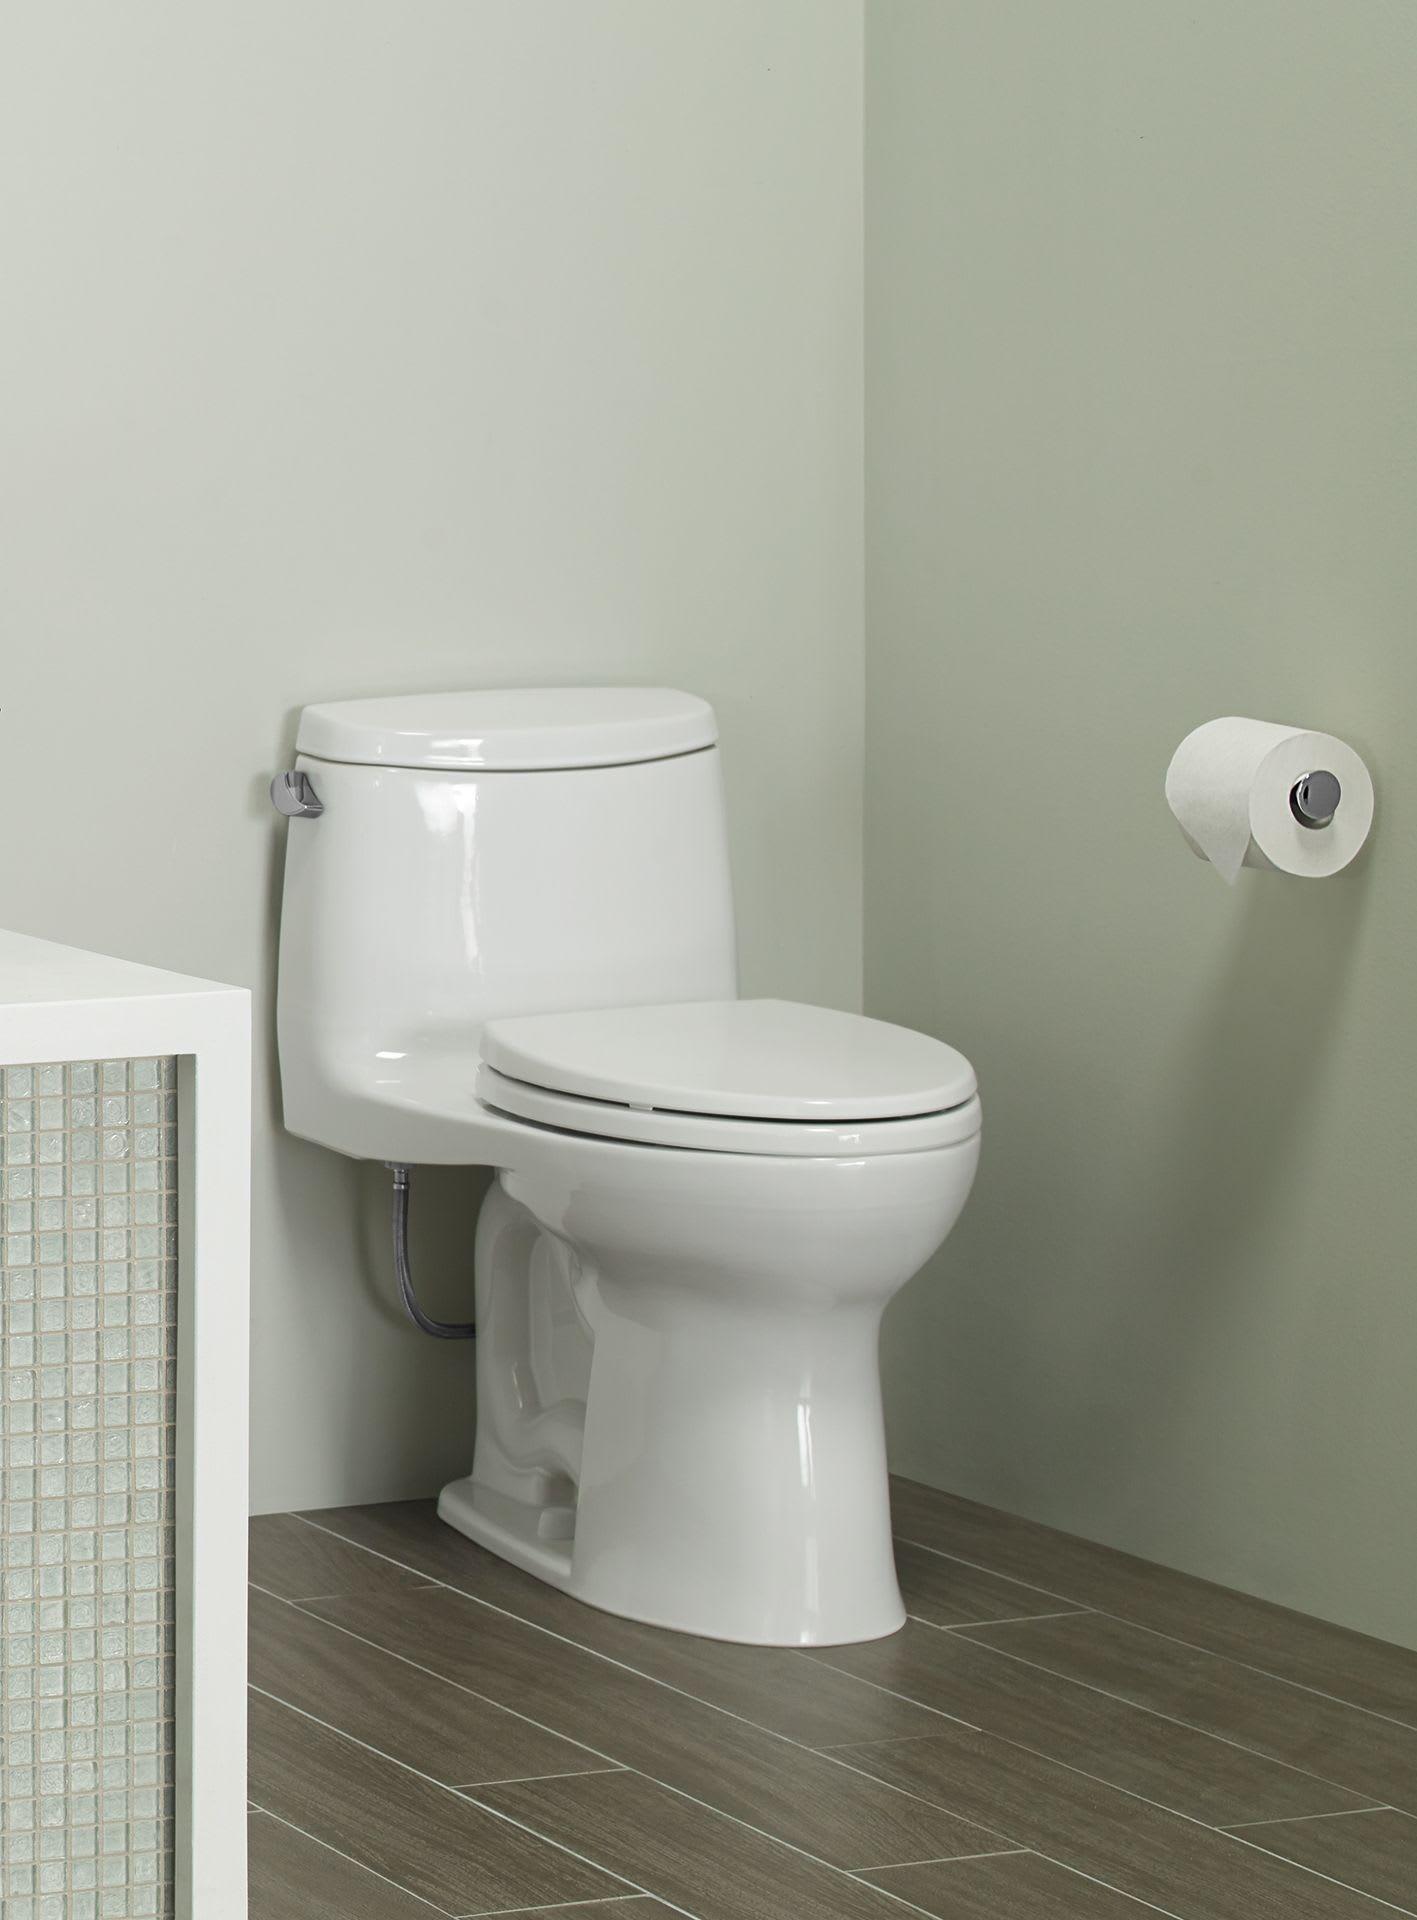 Attractive Toto Sanitary Ware Suppliers Adornment - Bathtub Design ...